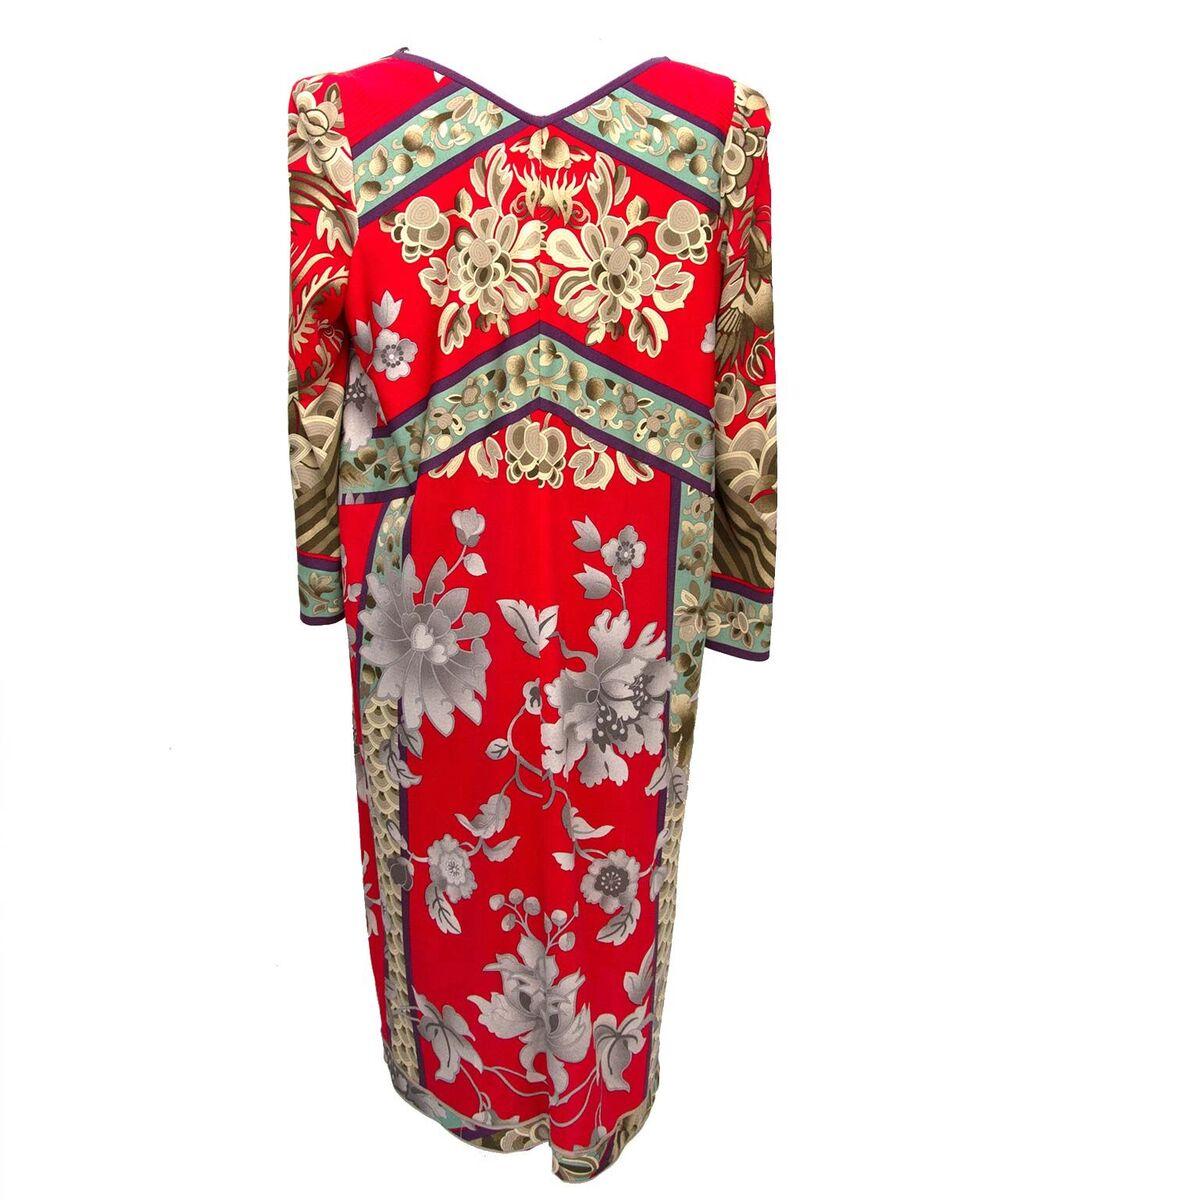 Koop authentieke Leonard Floral Red Dress aan een eerlijke prijs bij LabelLOV. Veilig online shoppen.